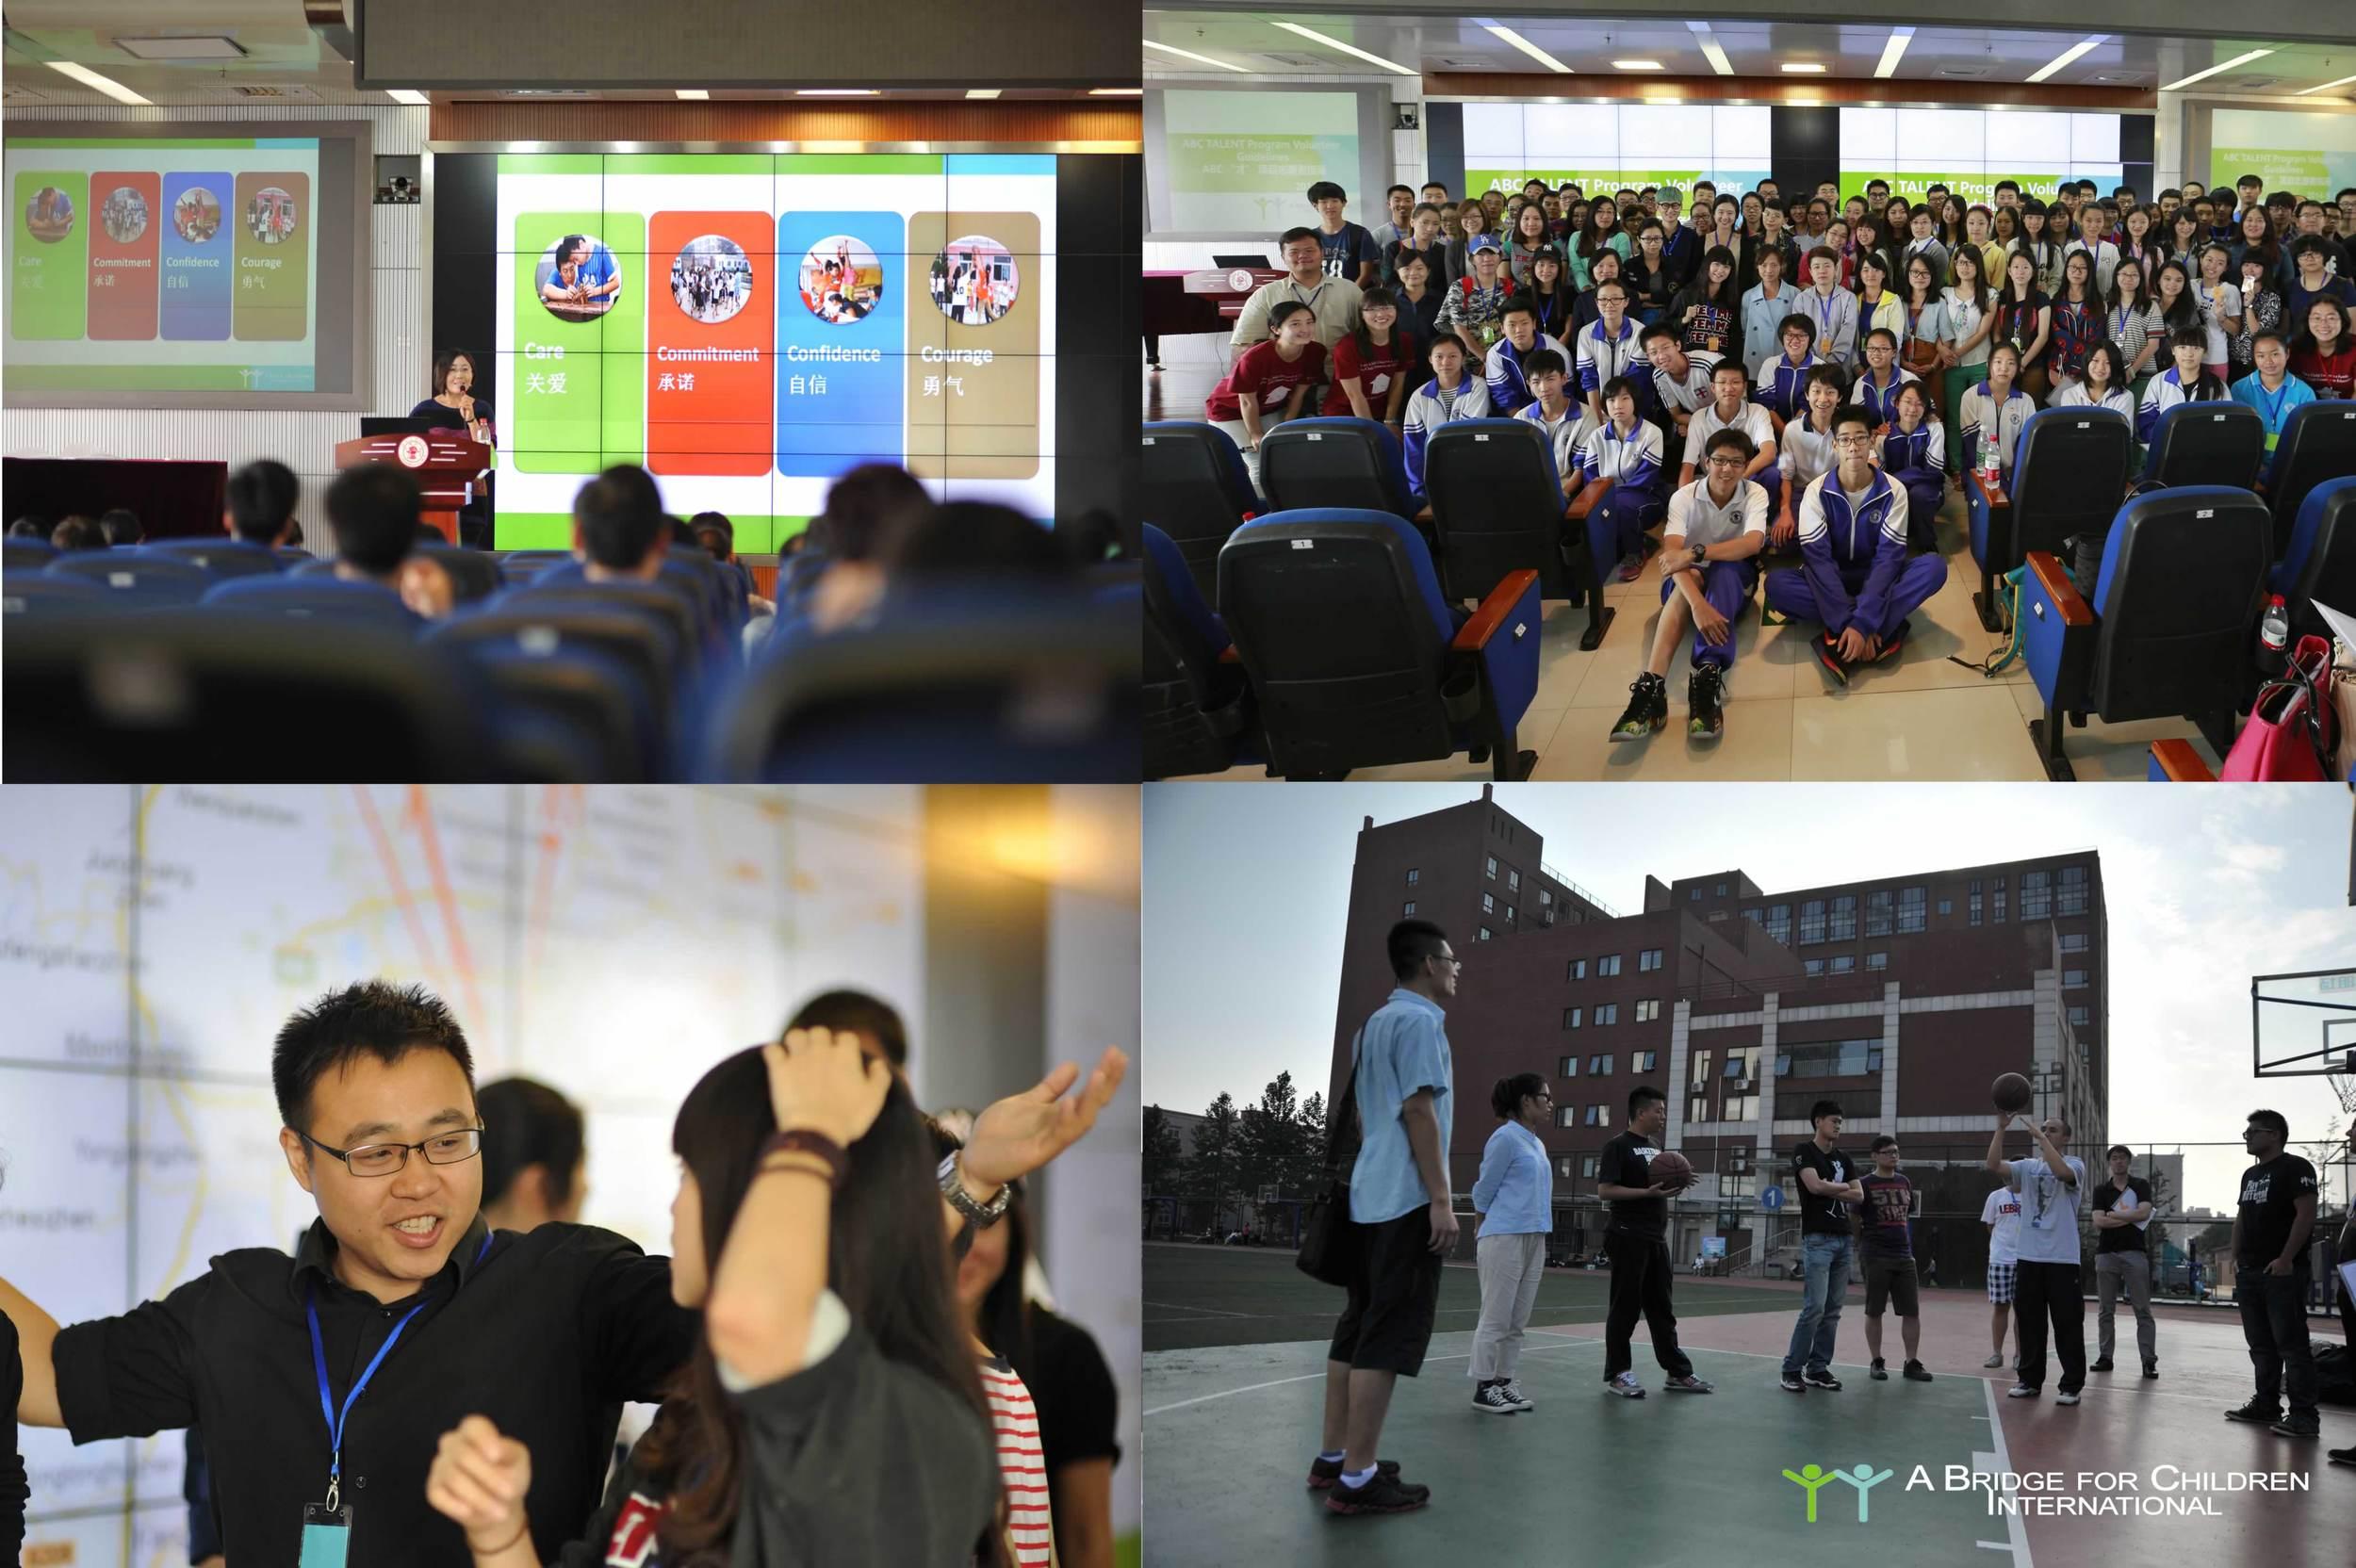 volunteer training image 2 smaller.jpg